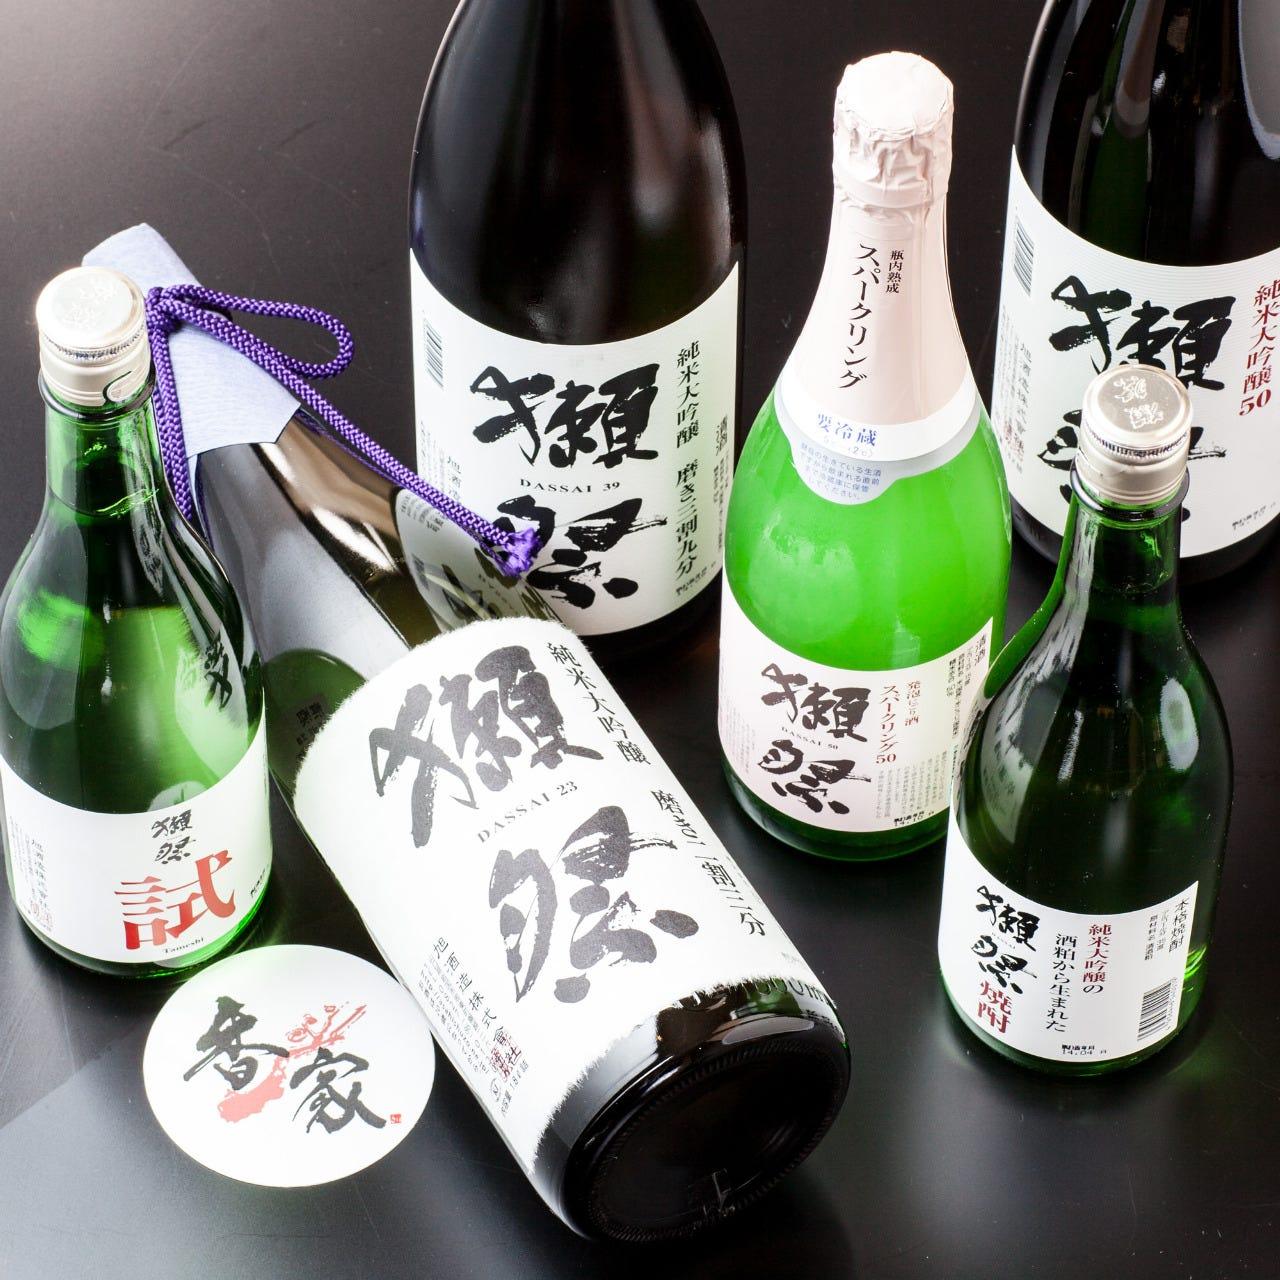 人気の獺祭や全国の季節限定の日本酒も数々取り揃えております。